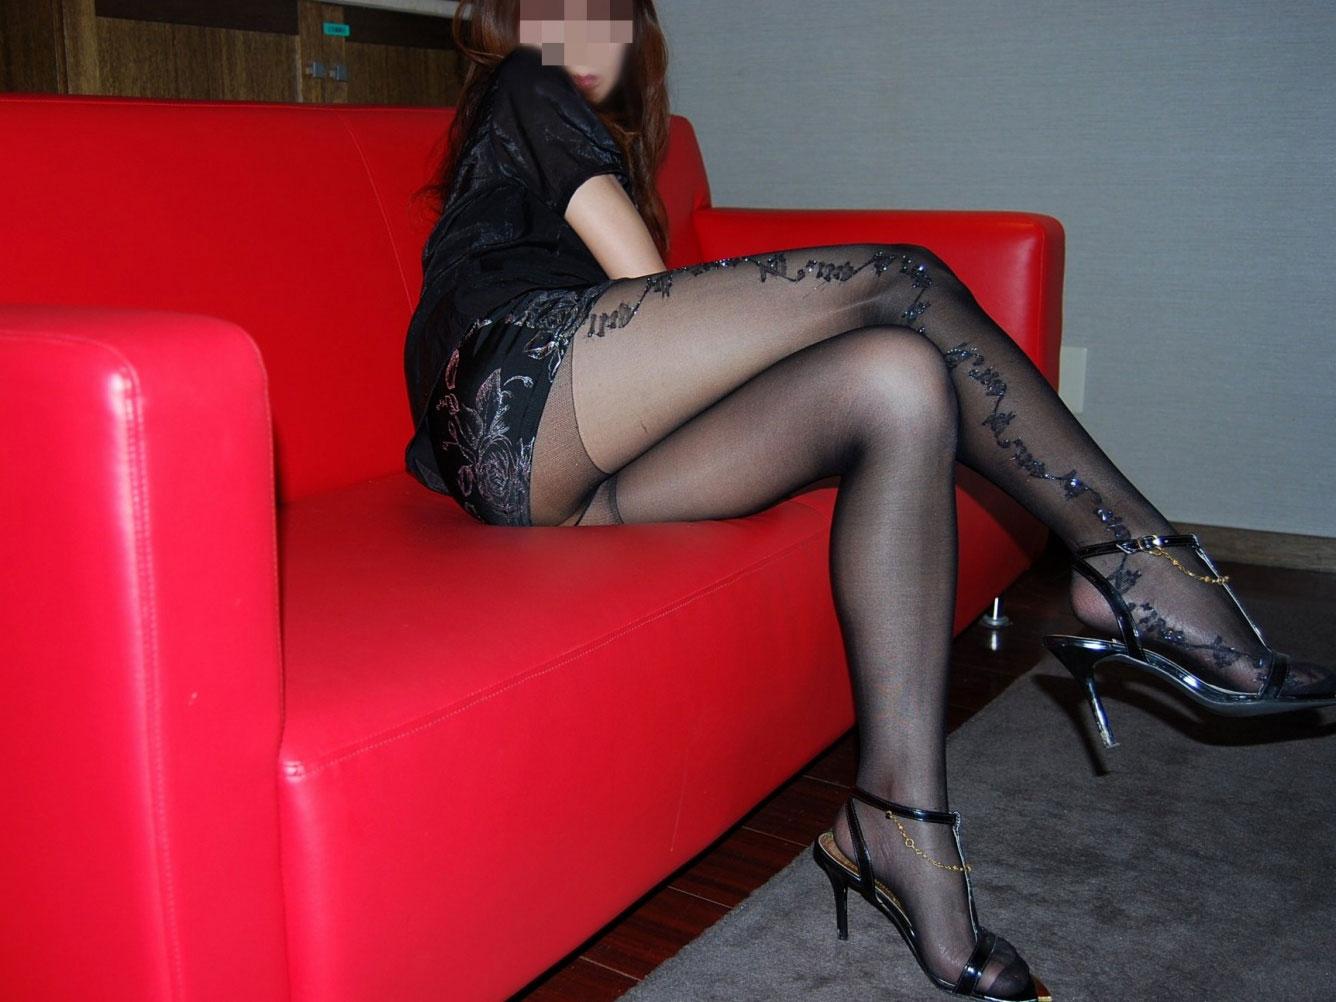 【美脚エロ画像】魅力的な美脚に色気を加える足組みという体勢についてwww 19